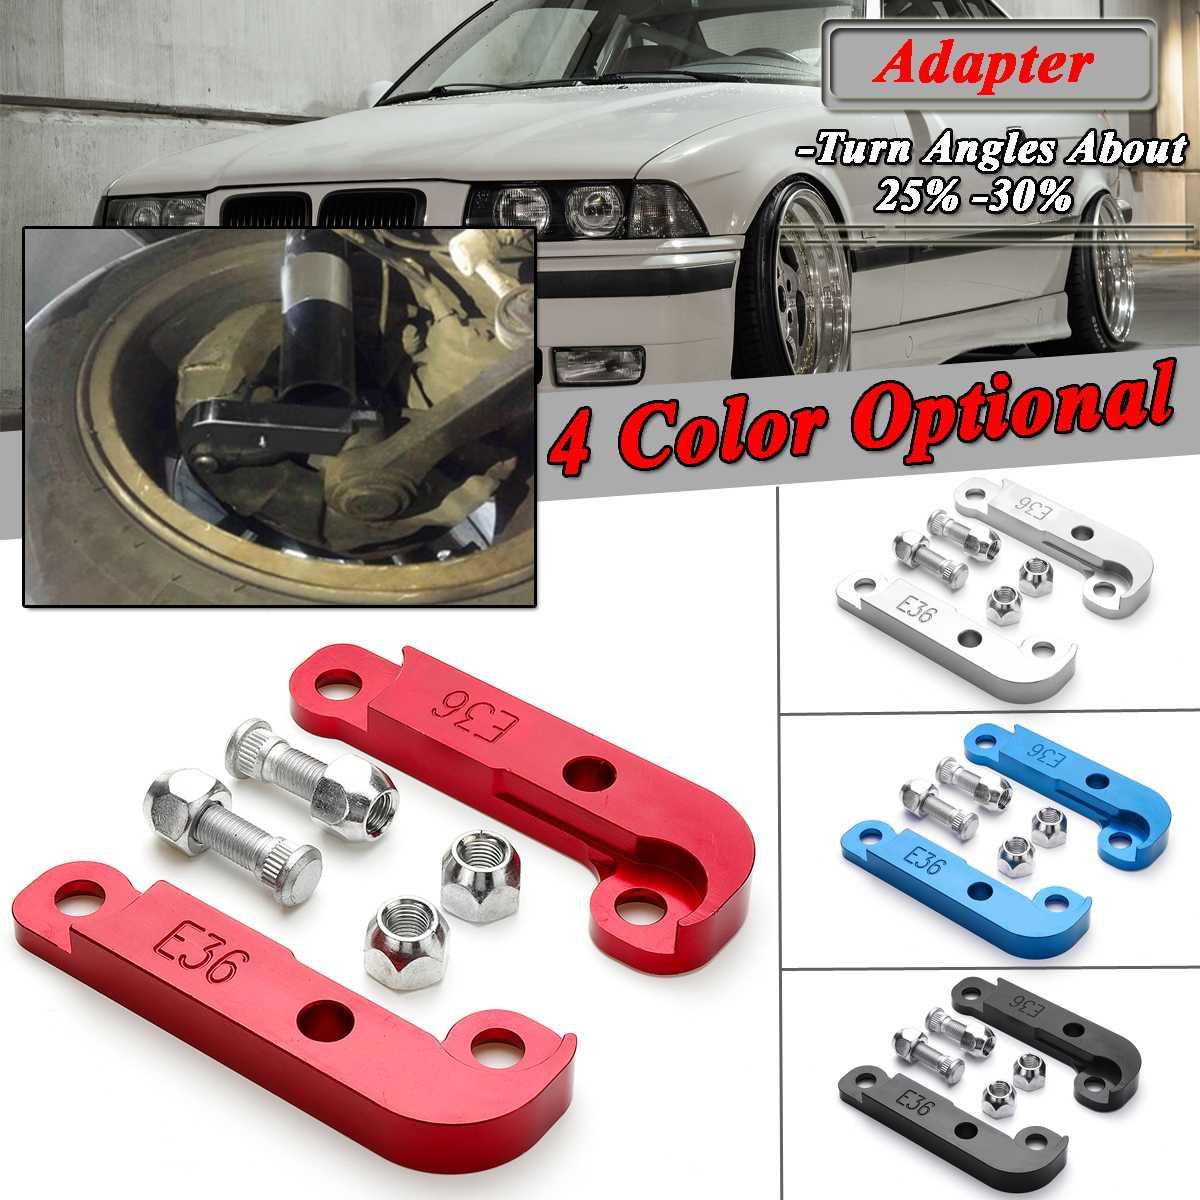 2x 4-Couleurs Adaptateur L'augmentation de Turn Angle Environ 25%-30% Dérive Serrure kit pour bmw E36 M3 Tuning Dérive Puissance adaptateurs et De Montage